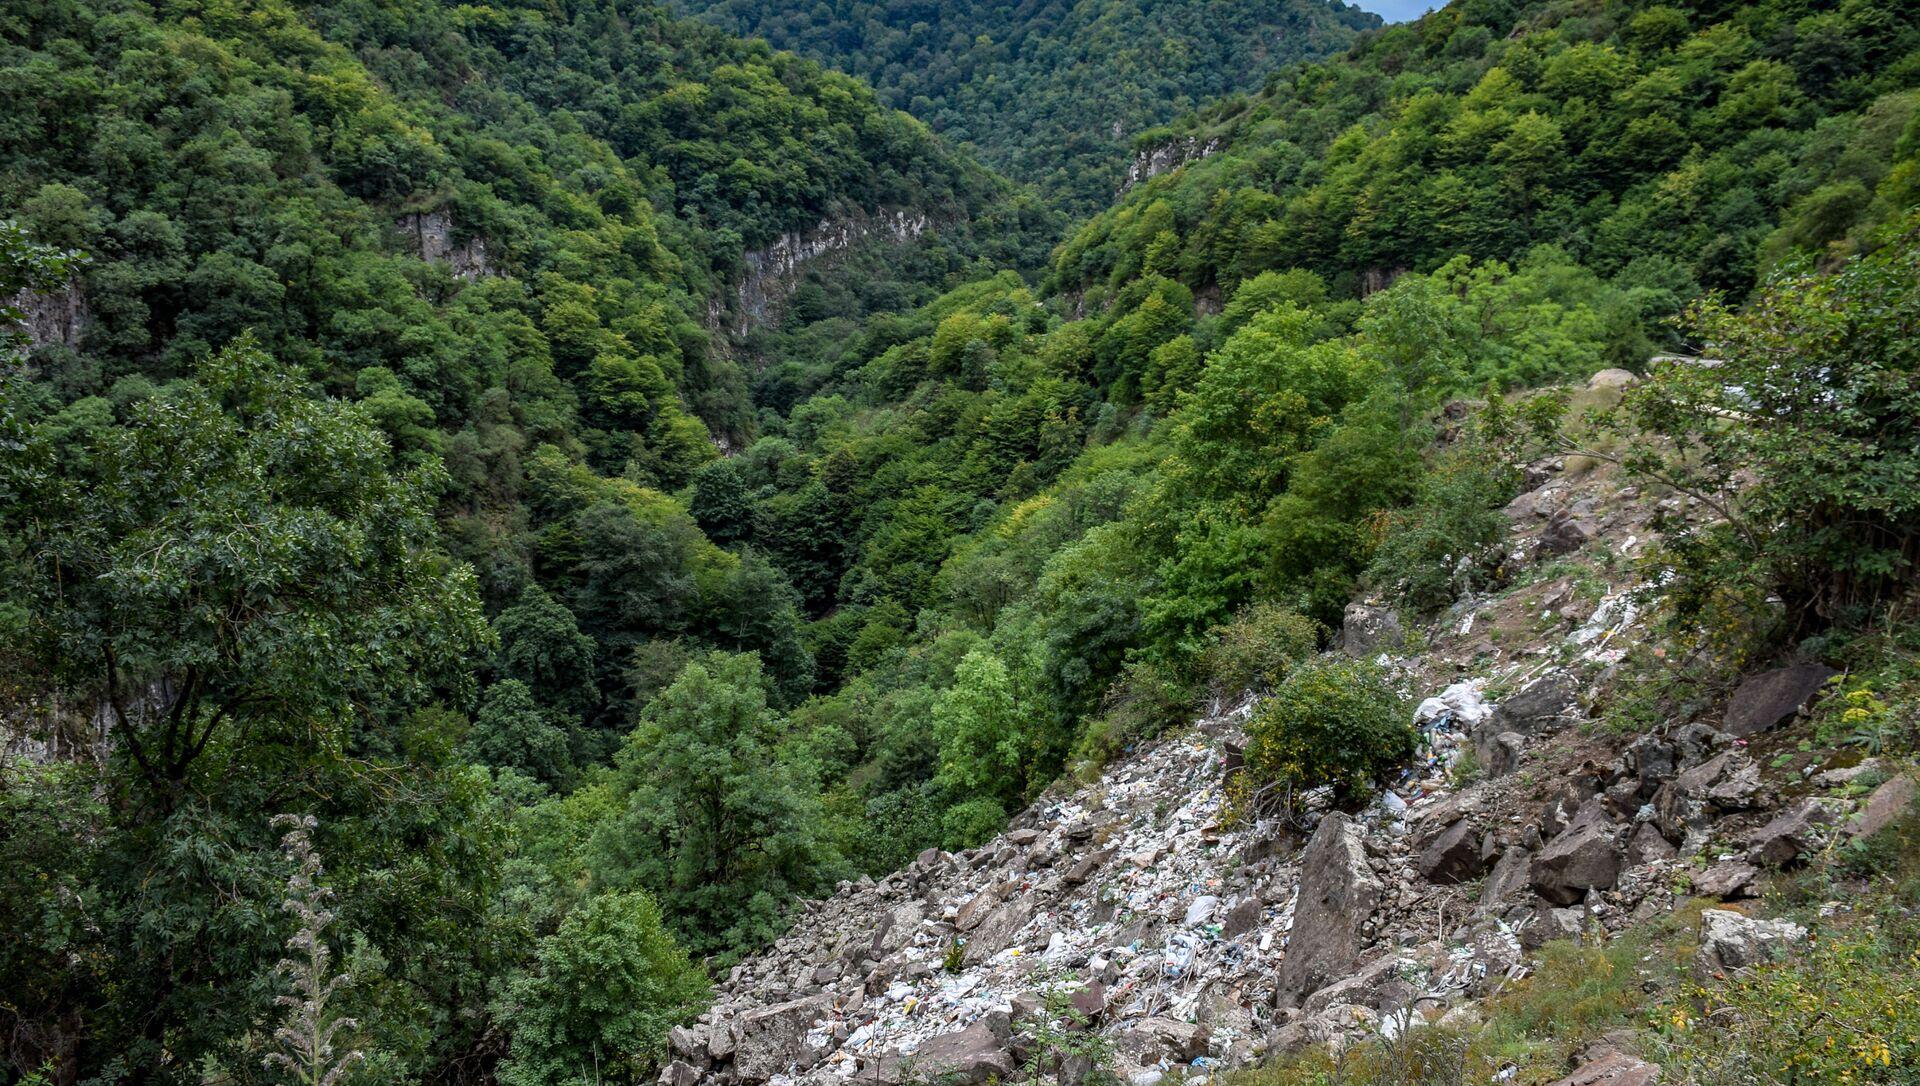 Tovuz rayonunun Əsrik dərəsi ərazisində məişət tullantıları - Sputnik Azərbaycan, 1920, 30.08.2021